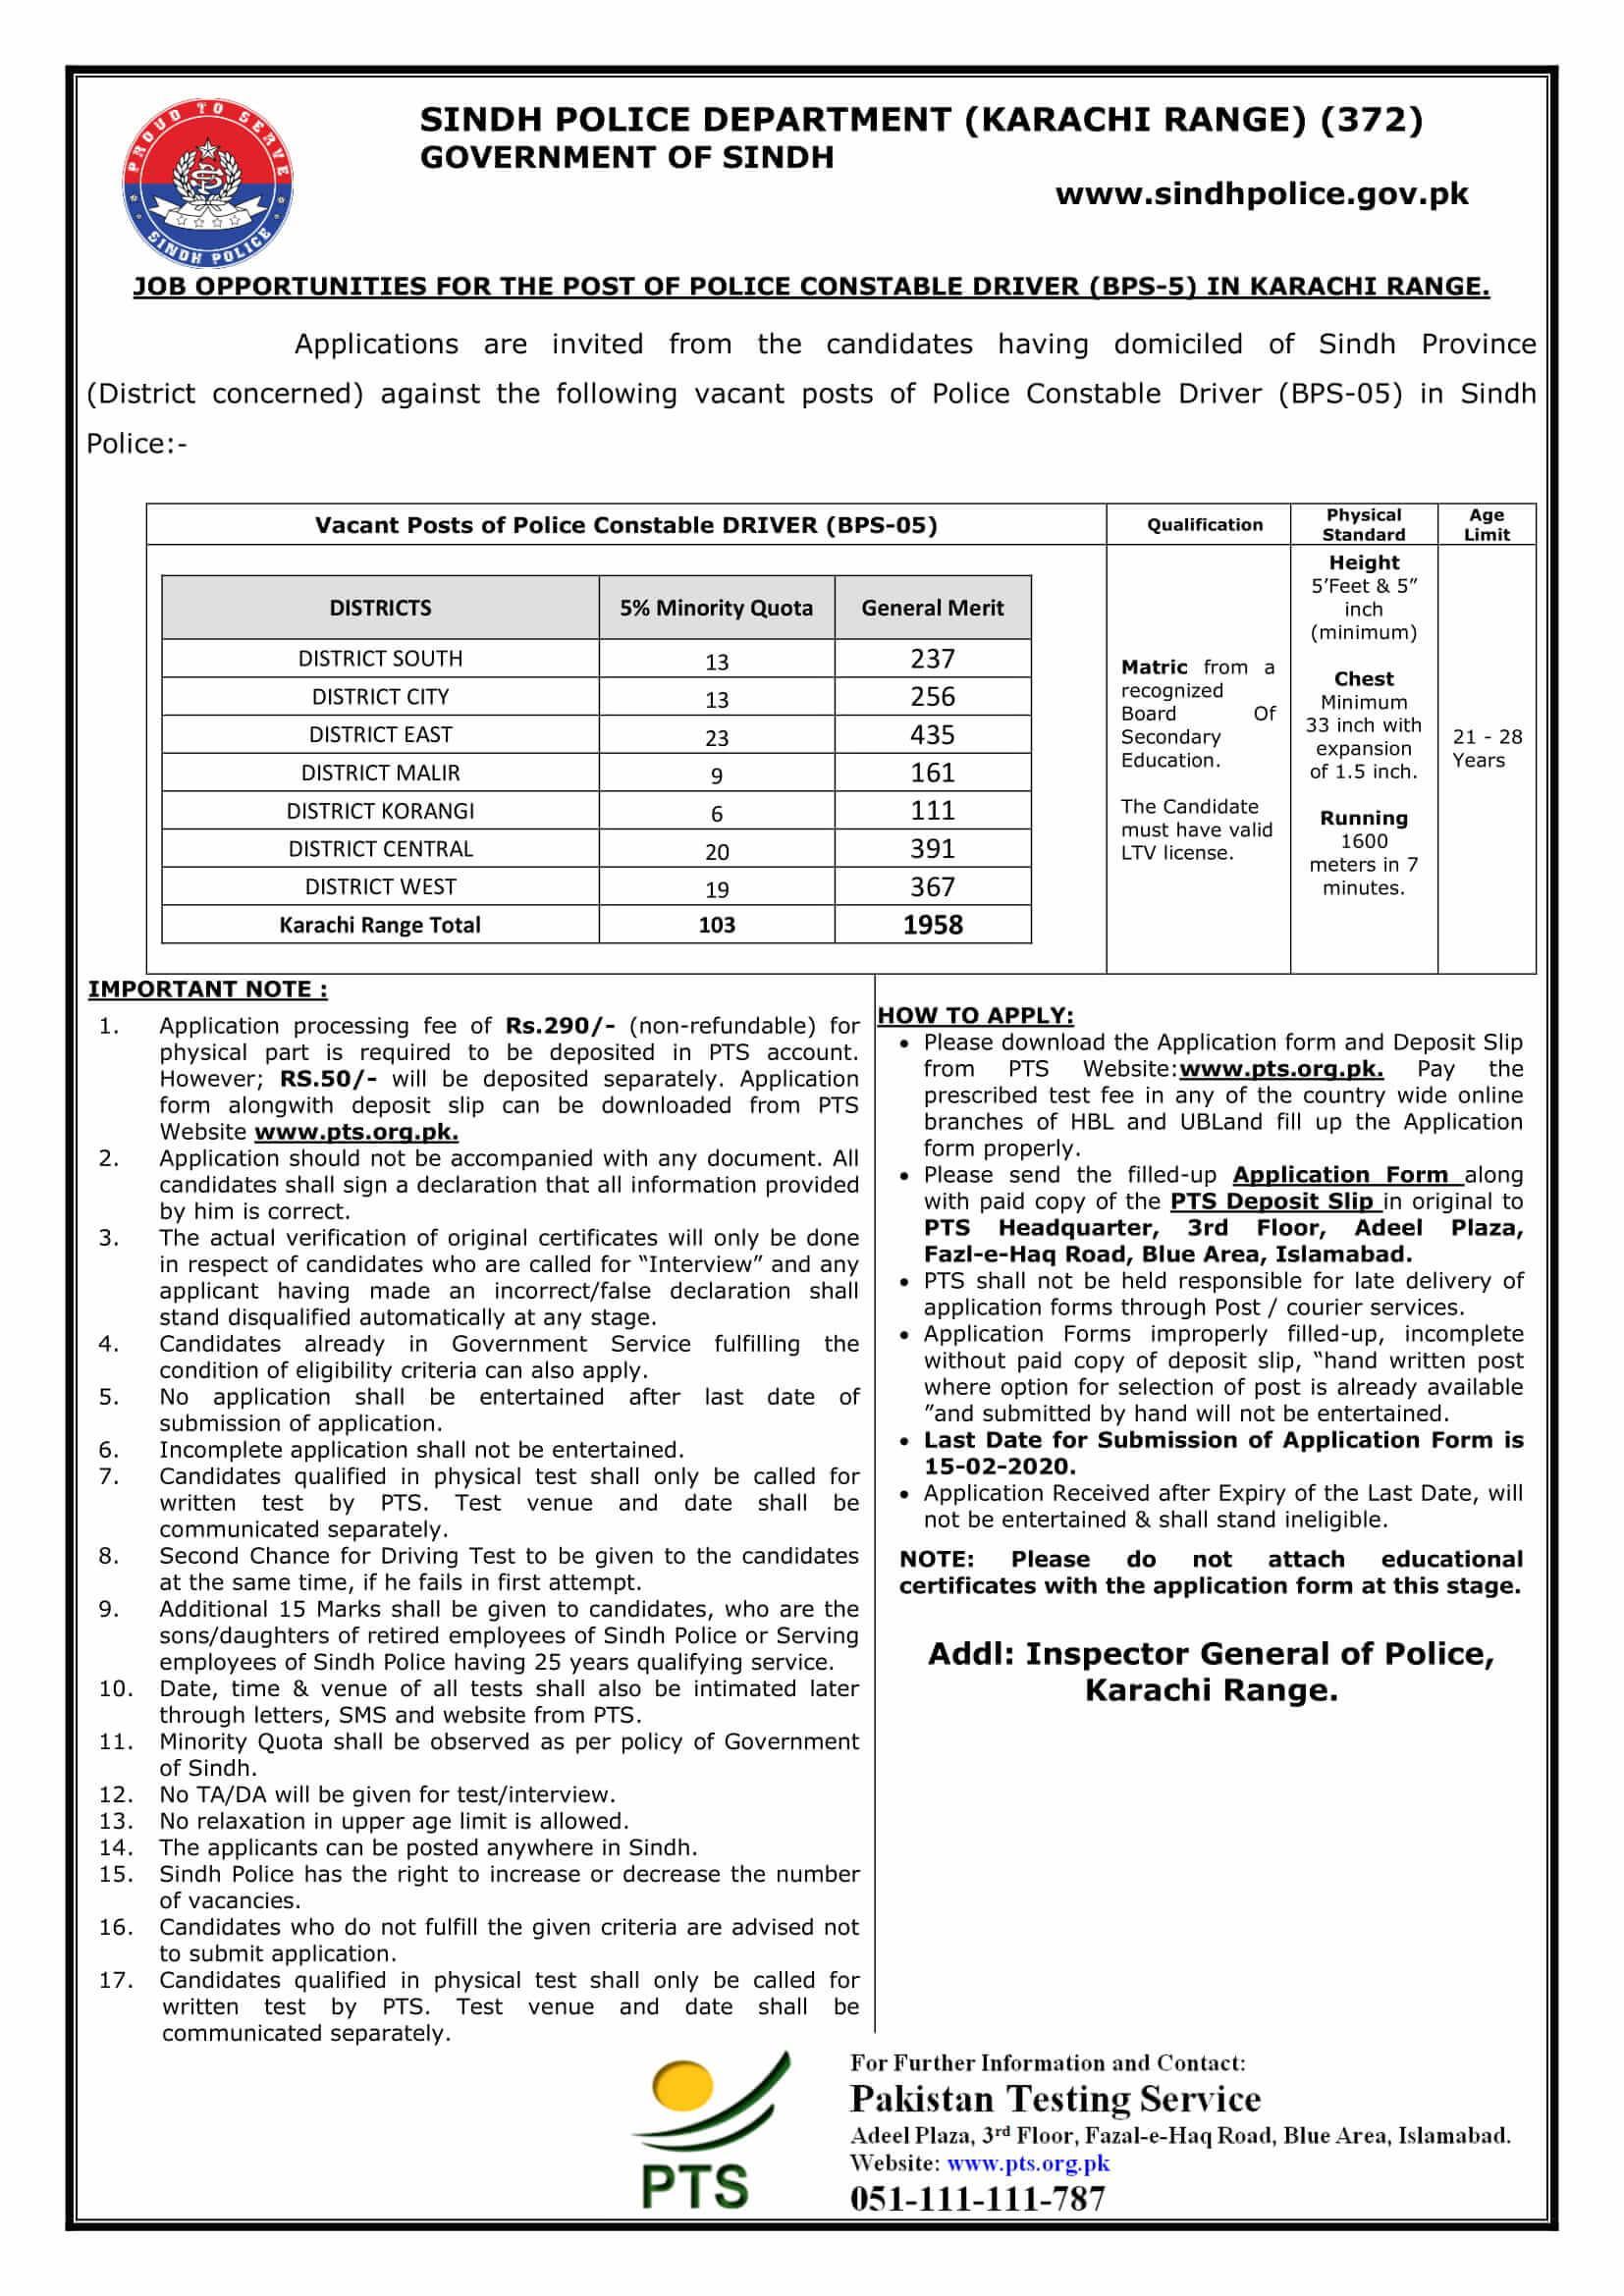 sindh police jobs 2020 karachi for police constable driver